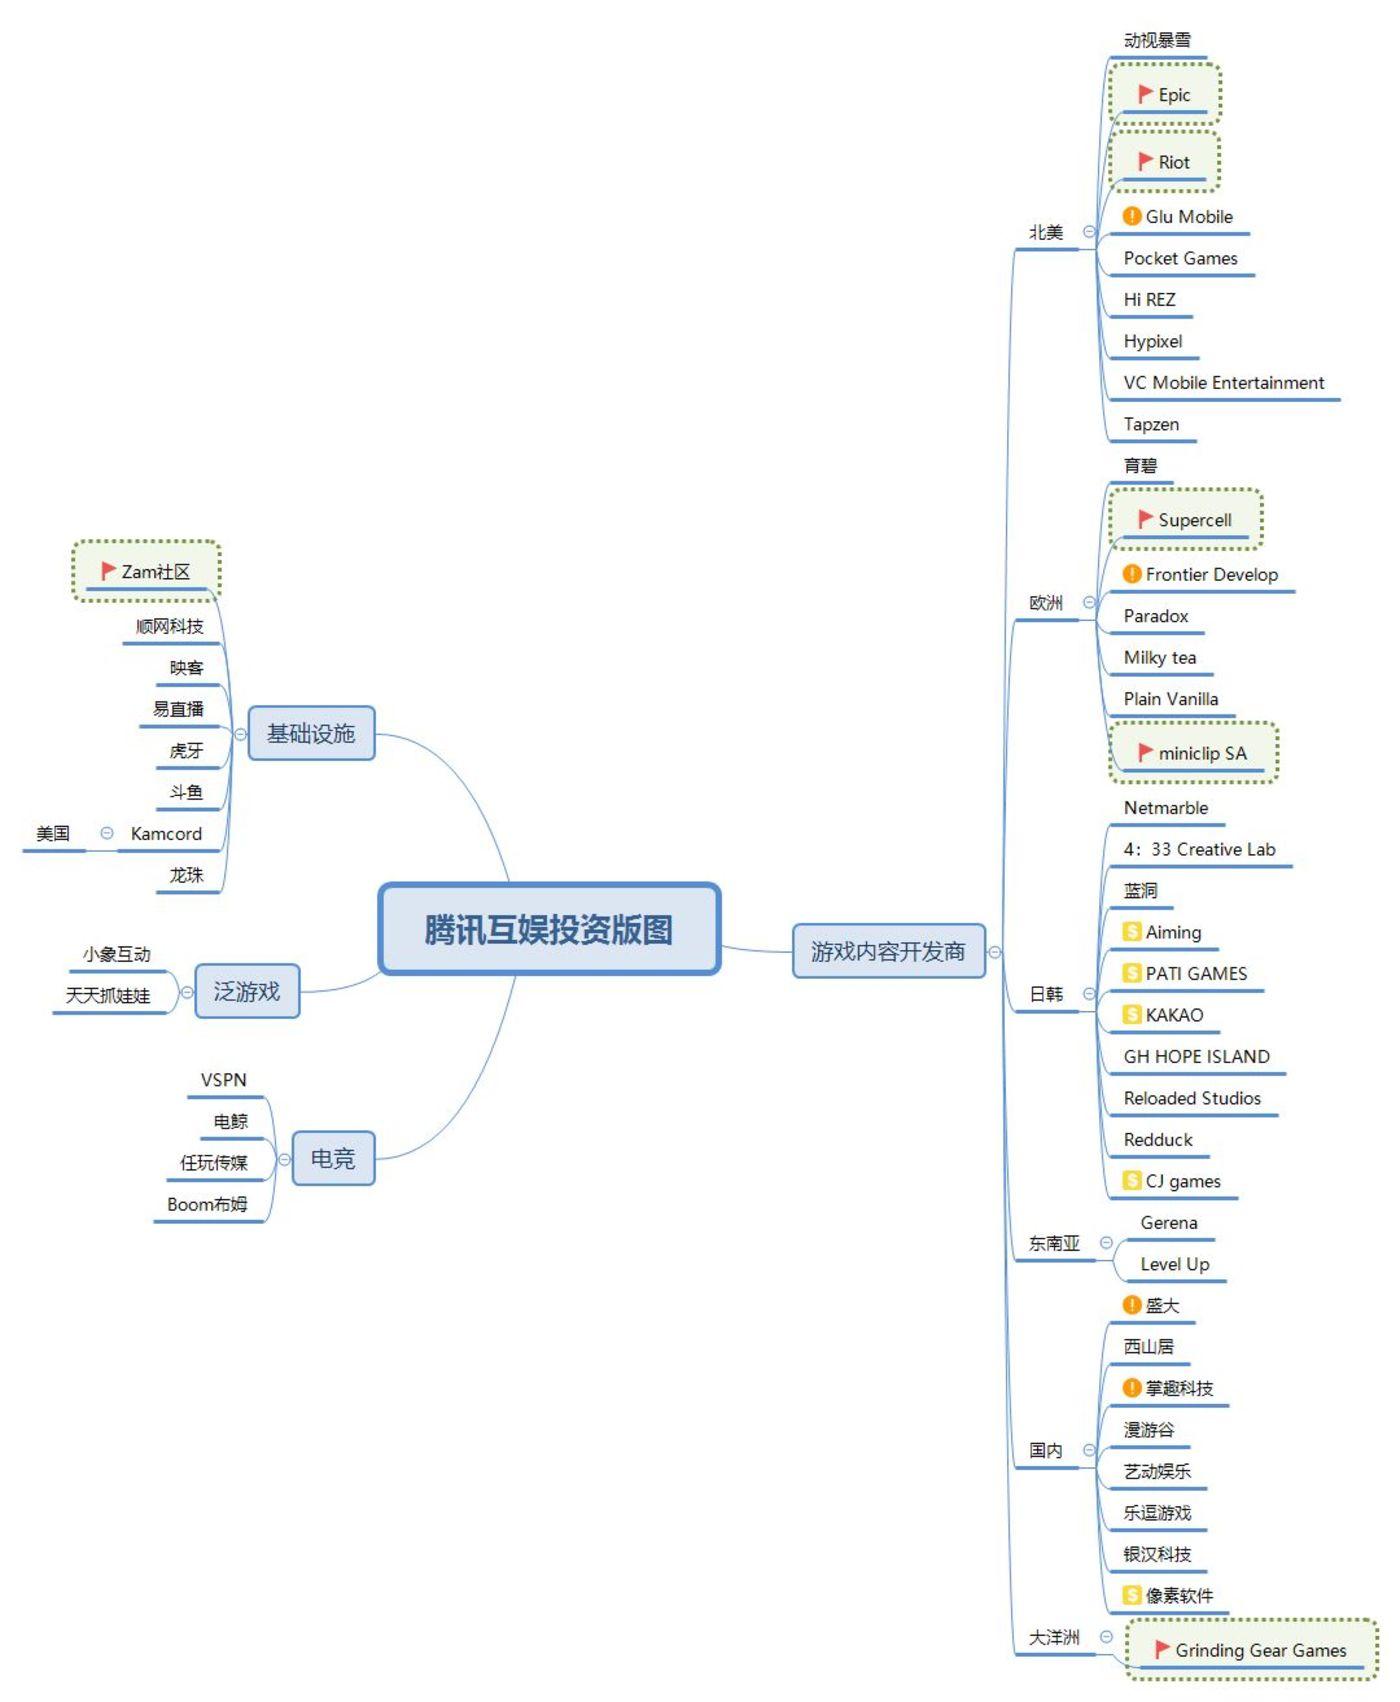 腾讯互娱投资版图-「朱思码记」整理 红旗:并购      $:投后上市企业      !:上市后战略投资